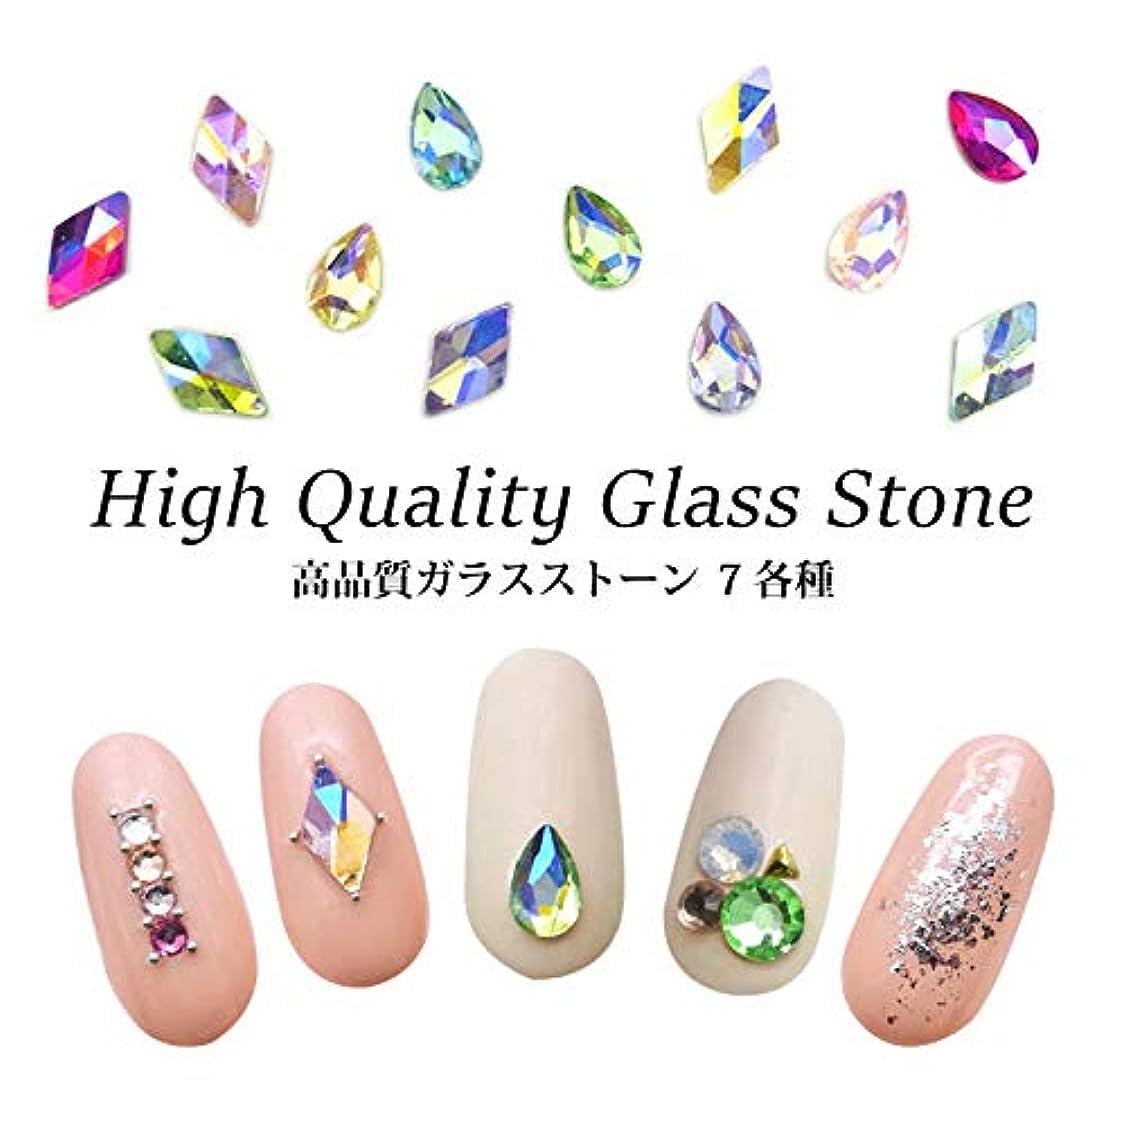 フォアタイプ呼び出すポーク高品質 ガラスストーン 7 各種 5個入り (ティア, 1.クリスタルブルームーン)